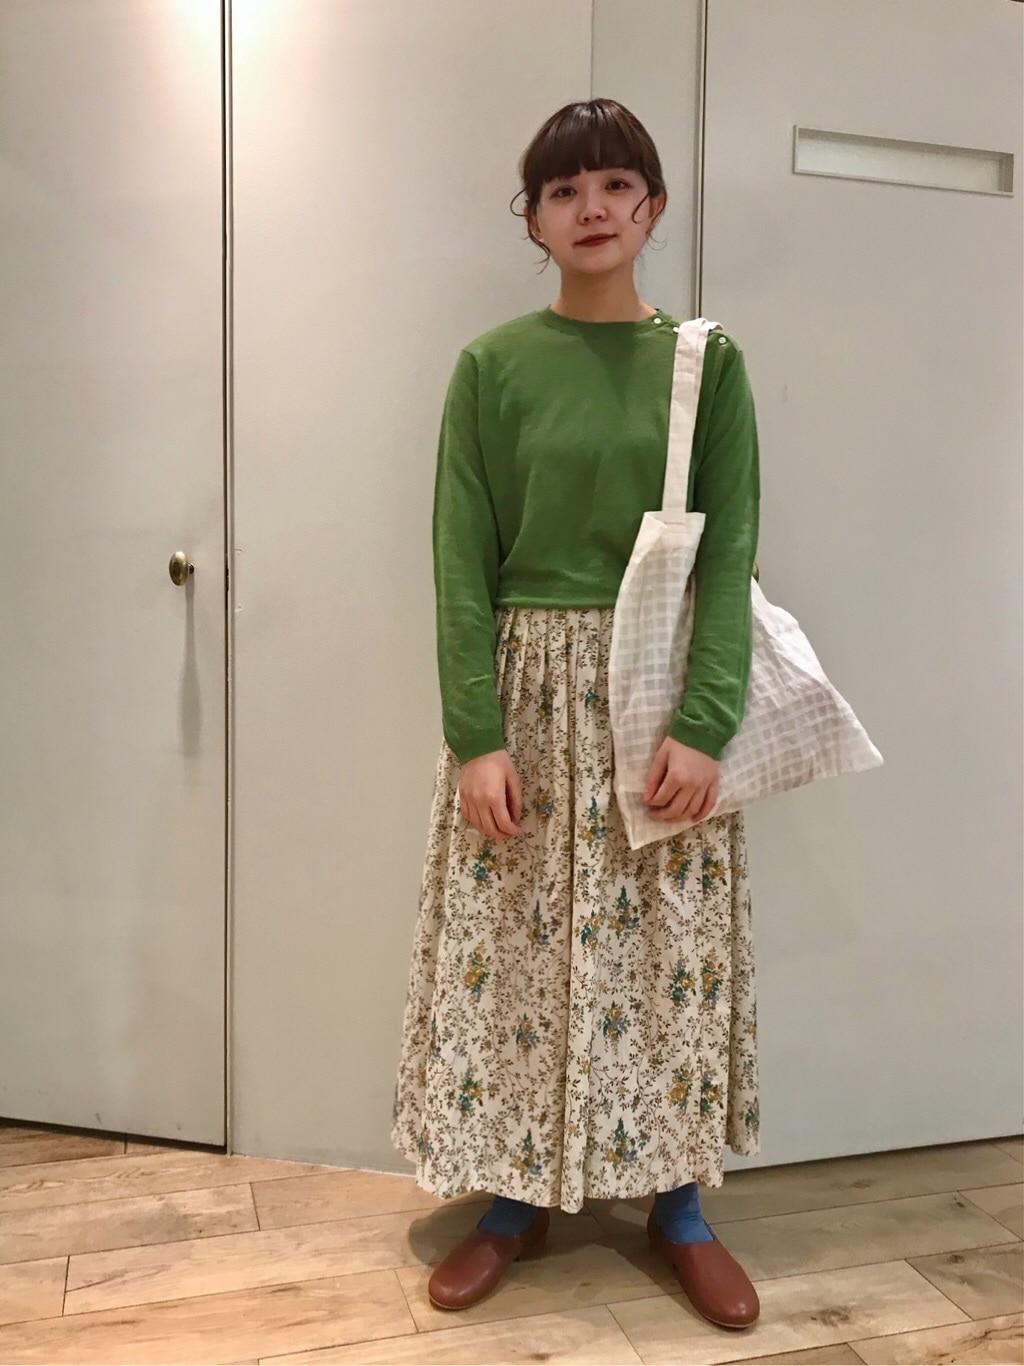 l'atelier du savon 東京スカイツリータウン・ソラマチ 身長:154cm 2021.03.01